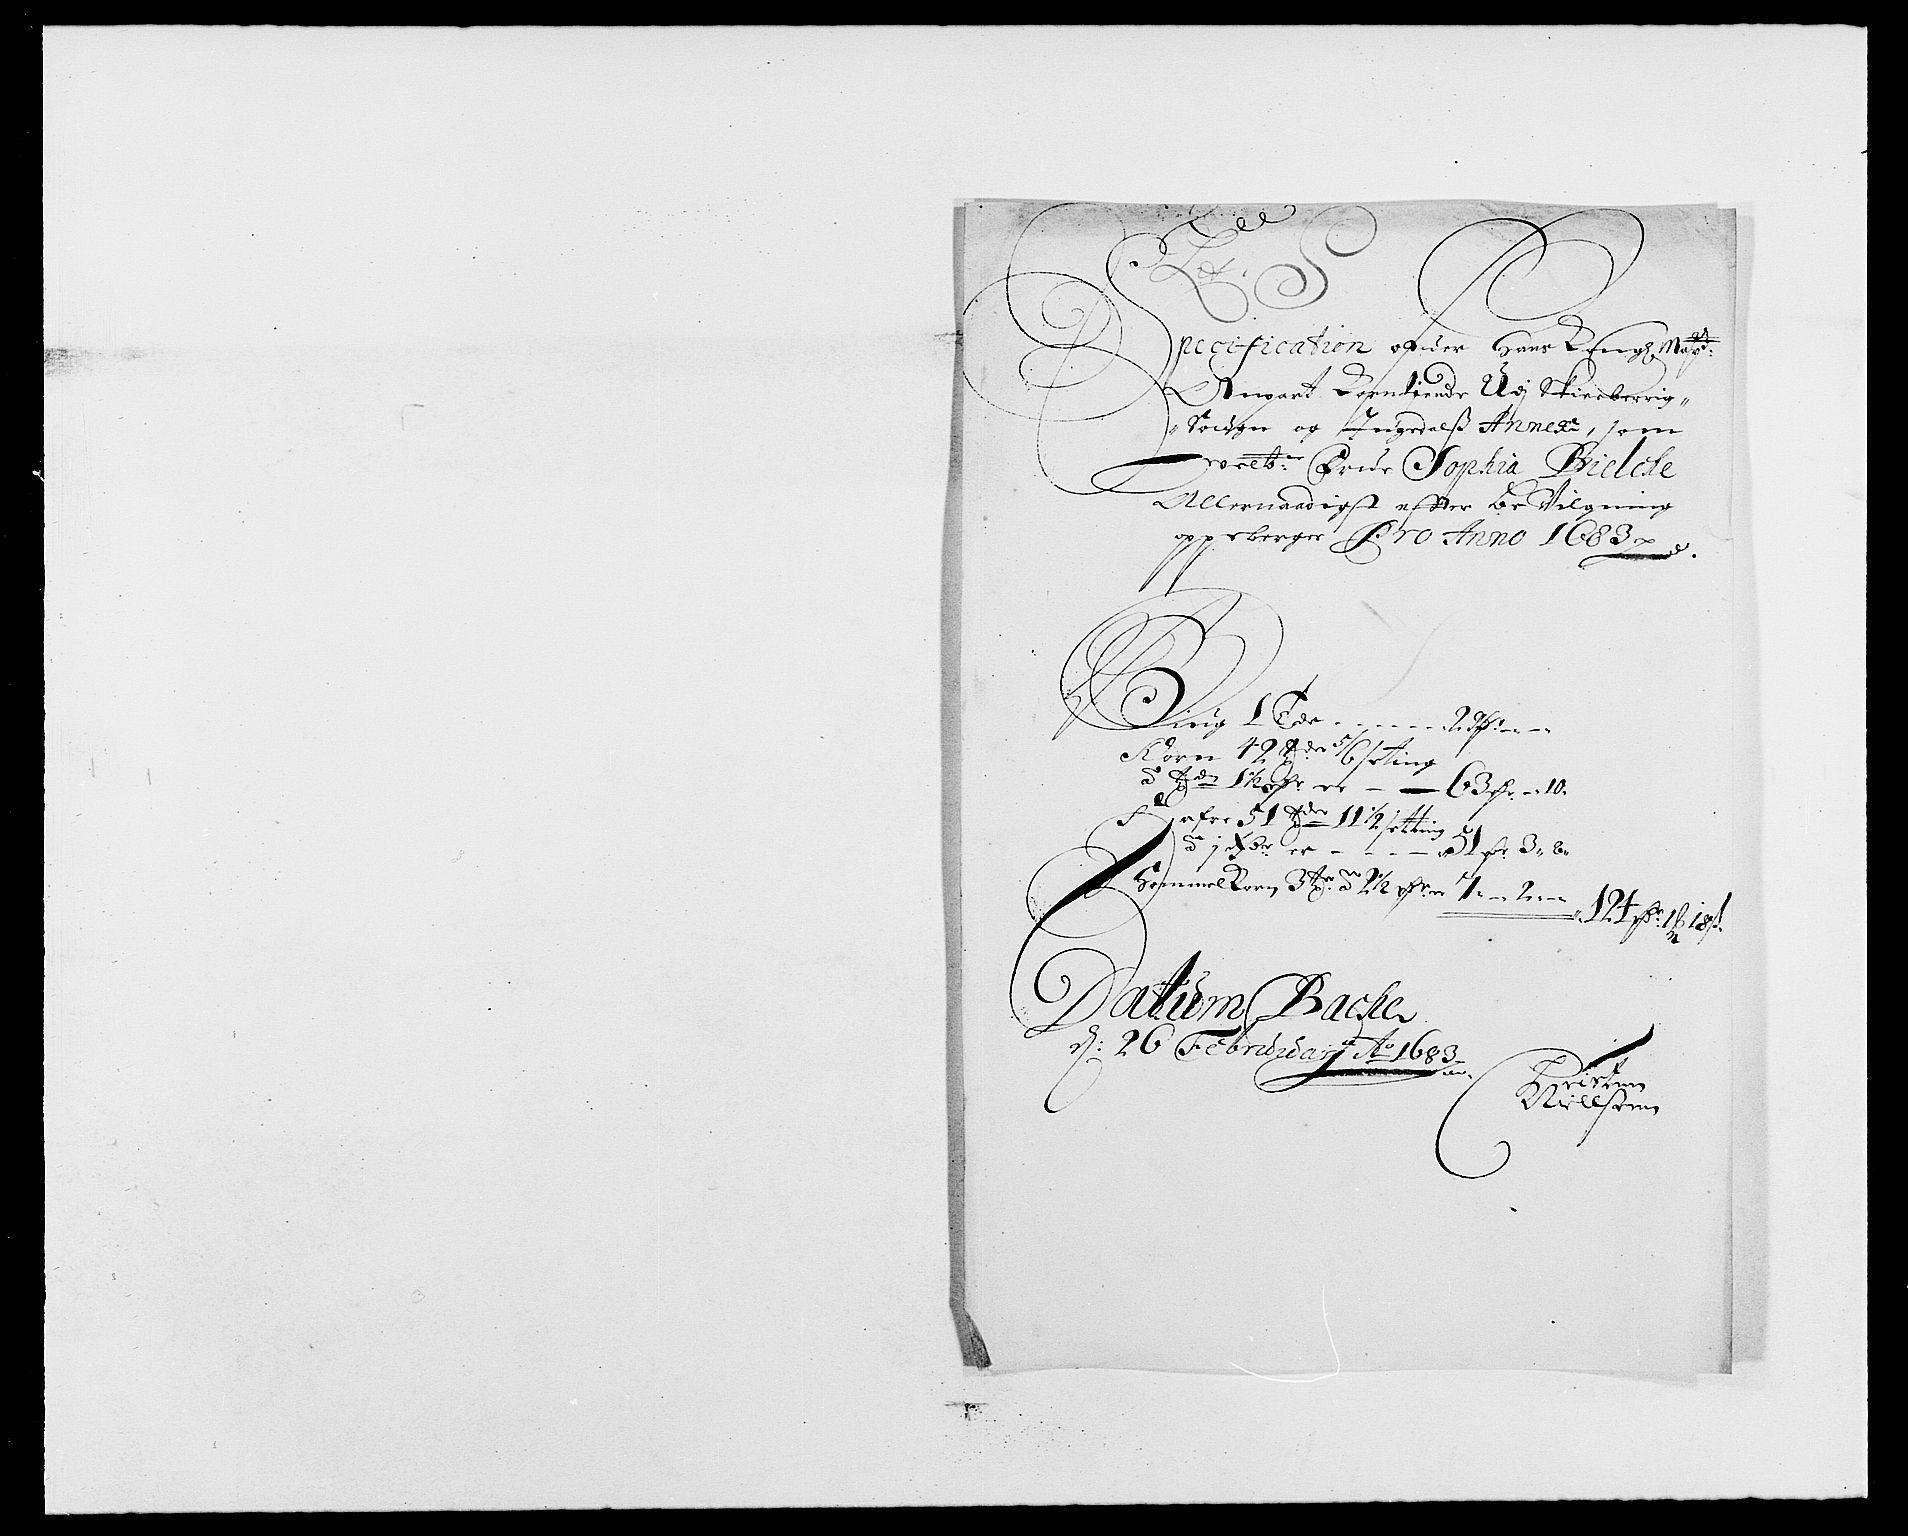 RA, Rentekammeret inntil 1814, Reviderte regnskaper, Fogderegnskap, R01/L0004: Fogderegnskap Idd og Marker , 1682-1683, s. 302